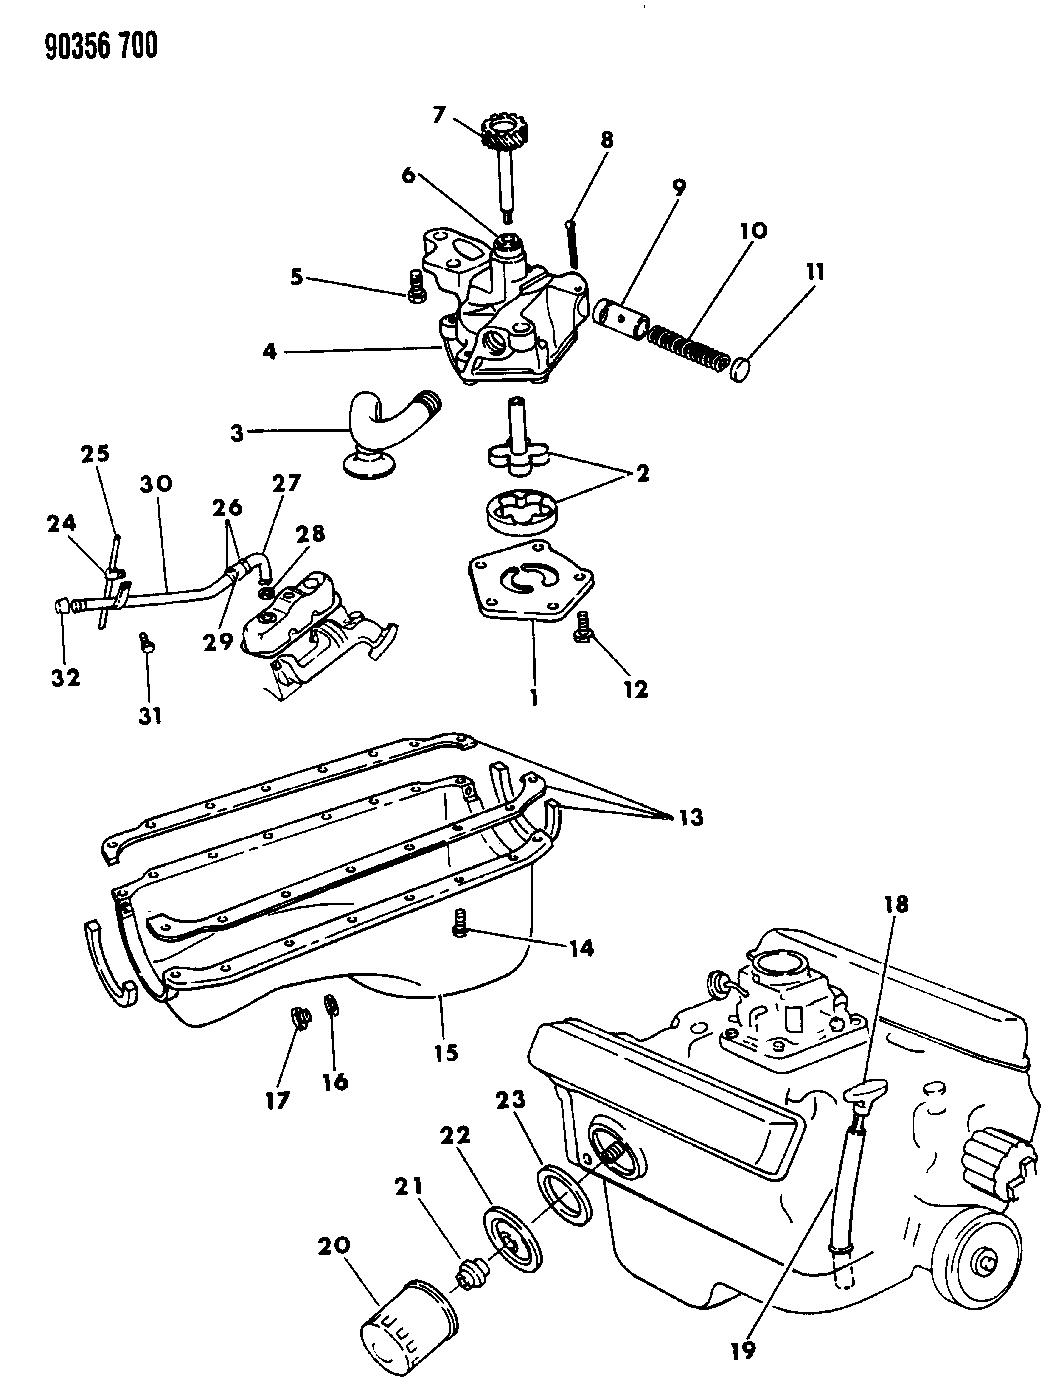 3671602 Genuine Mopar Adapter Oil Filter To Cylinder Blk